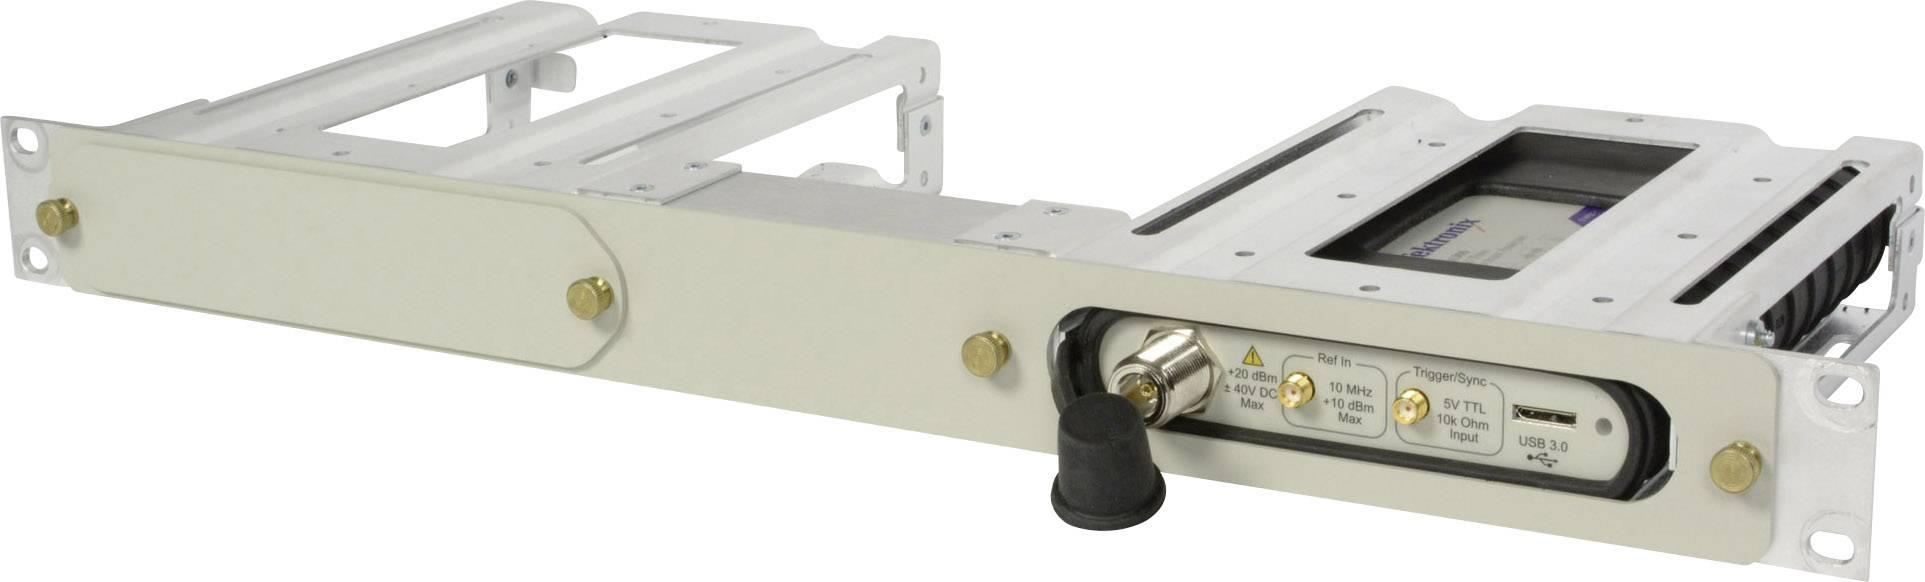 Rackový držiak zo slotmi pre dvoch RSA306 Tektronix RSA306RACK